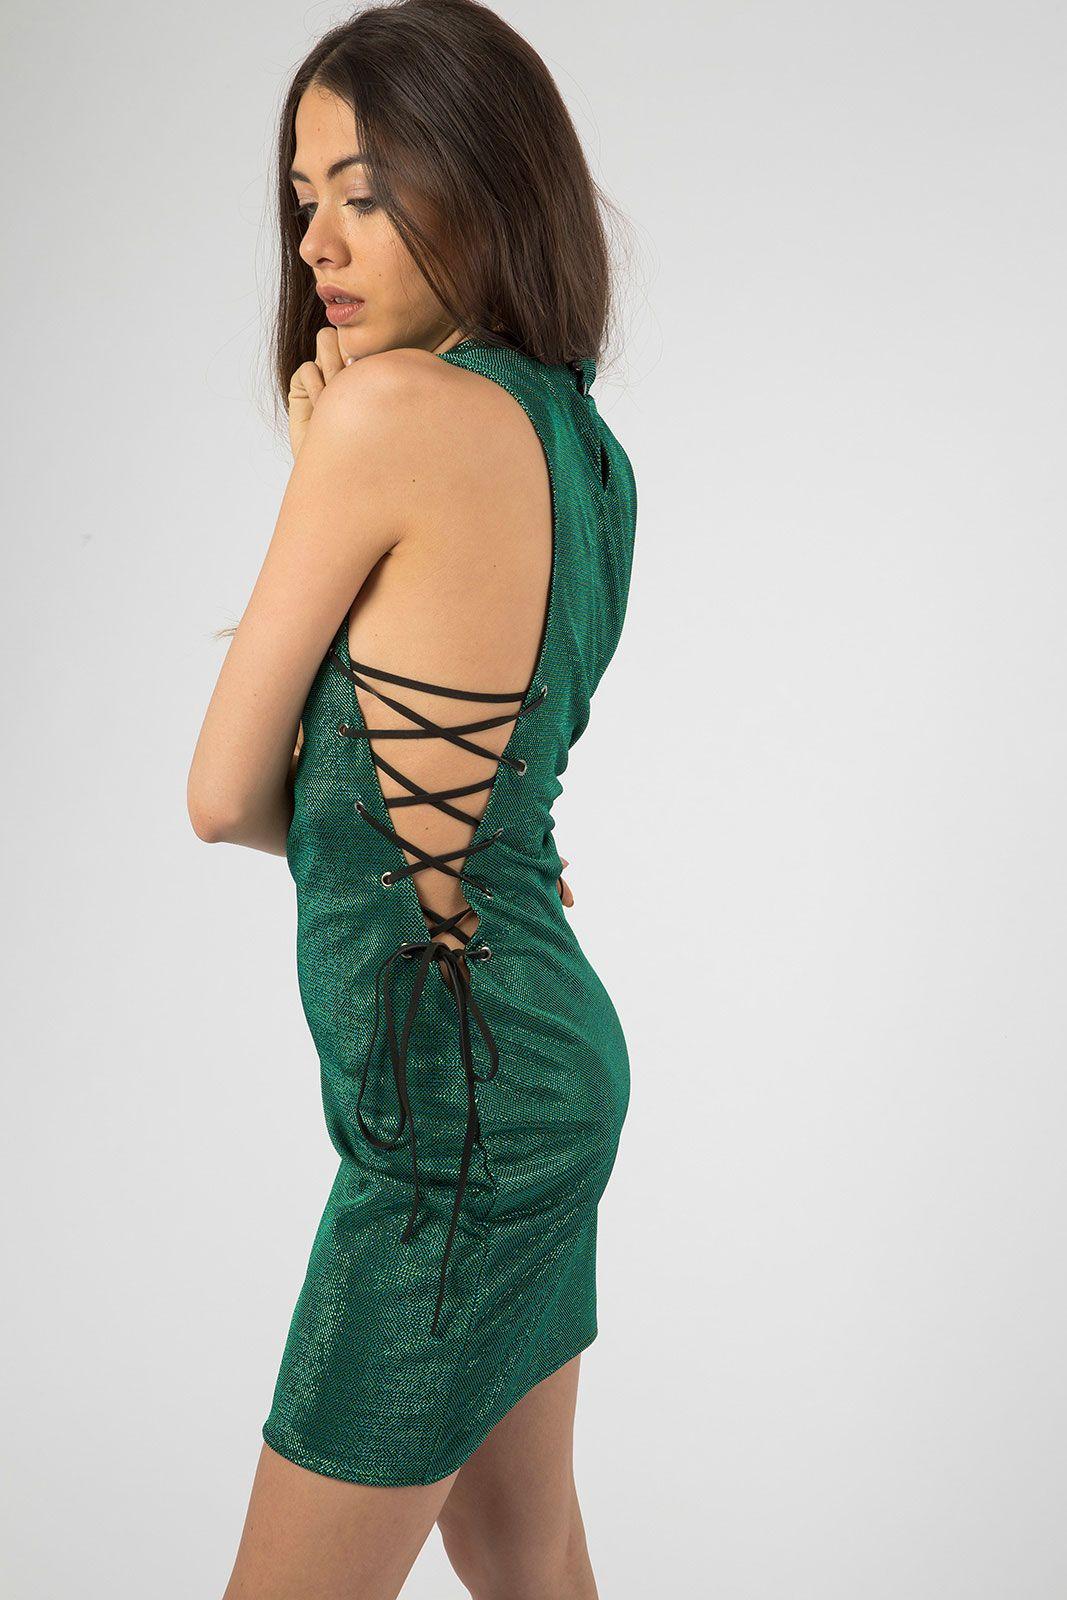 Green Metallic Side Lace Up Mini Dress Dresses Green Mini Dress Unique Swimwear [ 1600 x 1067 Pixel ]